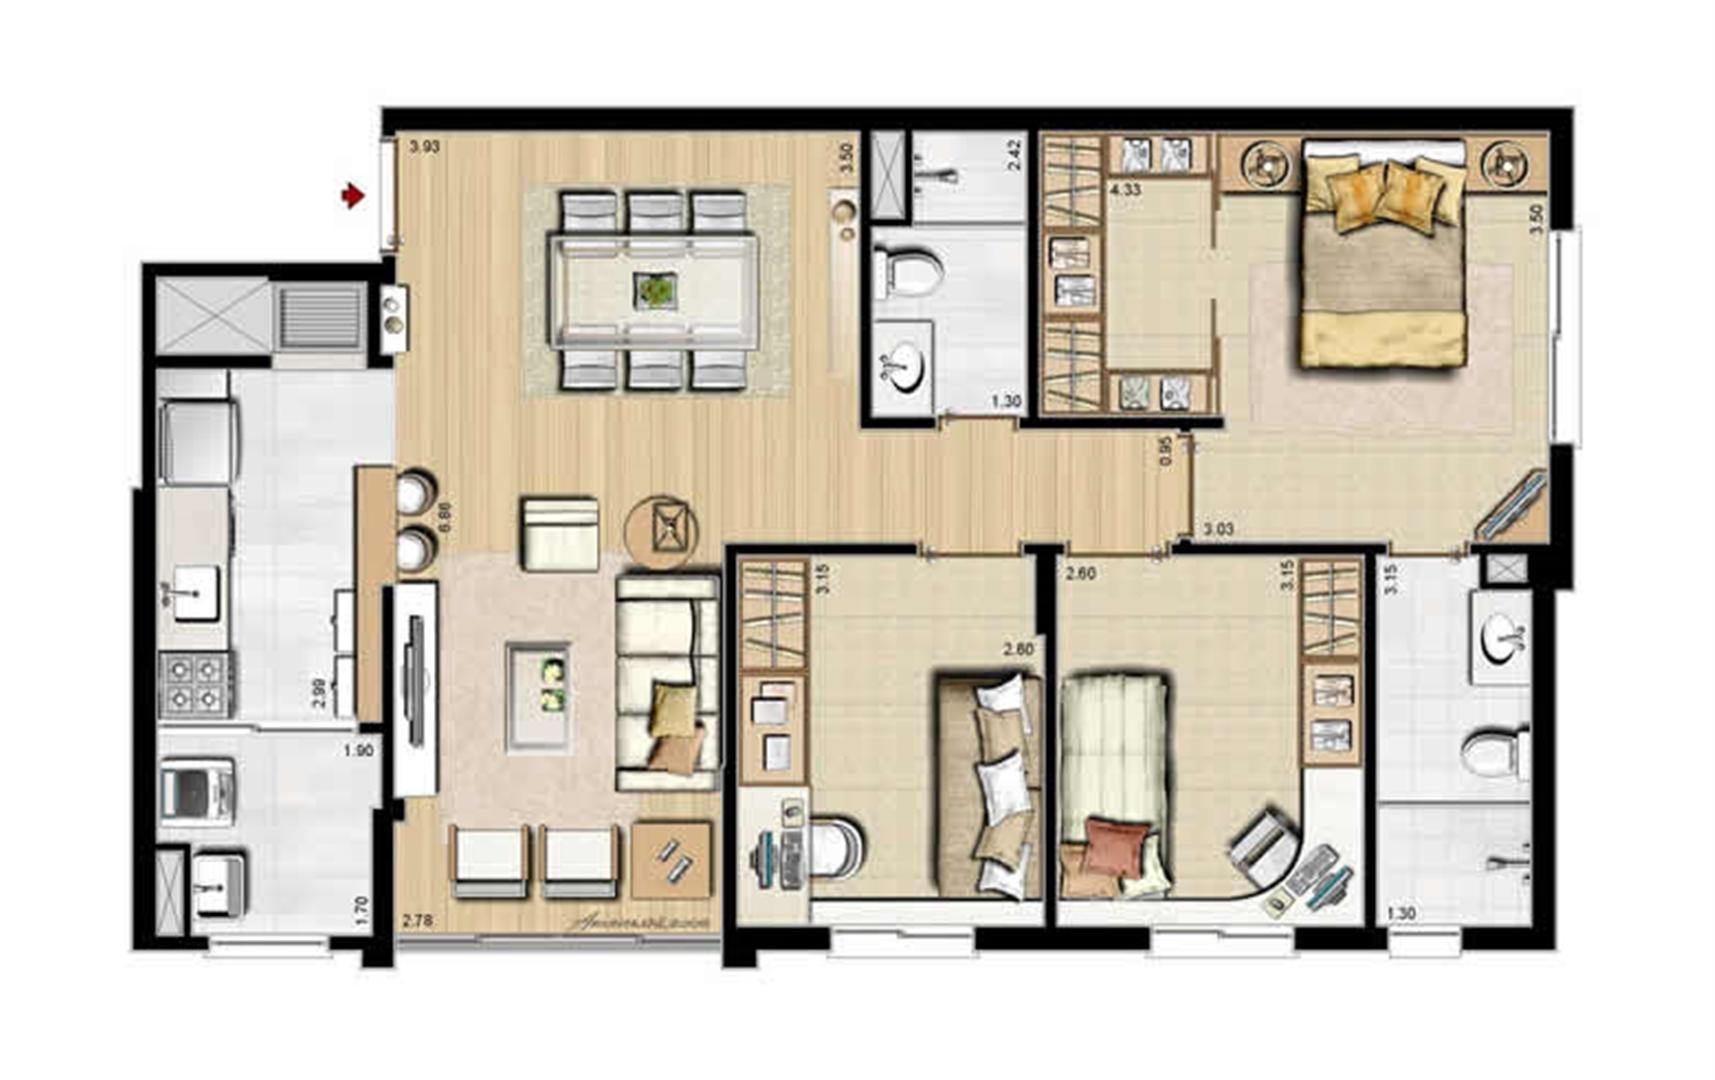 Sacada Integrada – Sugestão de Decoração - 84 m² privativos e 130 m² área total | Villa Mimosa Vita Insolaratta – Apartamento no  Centro - Canoas - Rio Grande do Sul